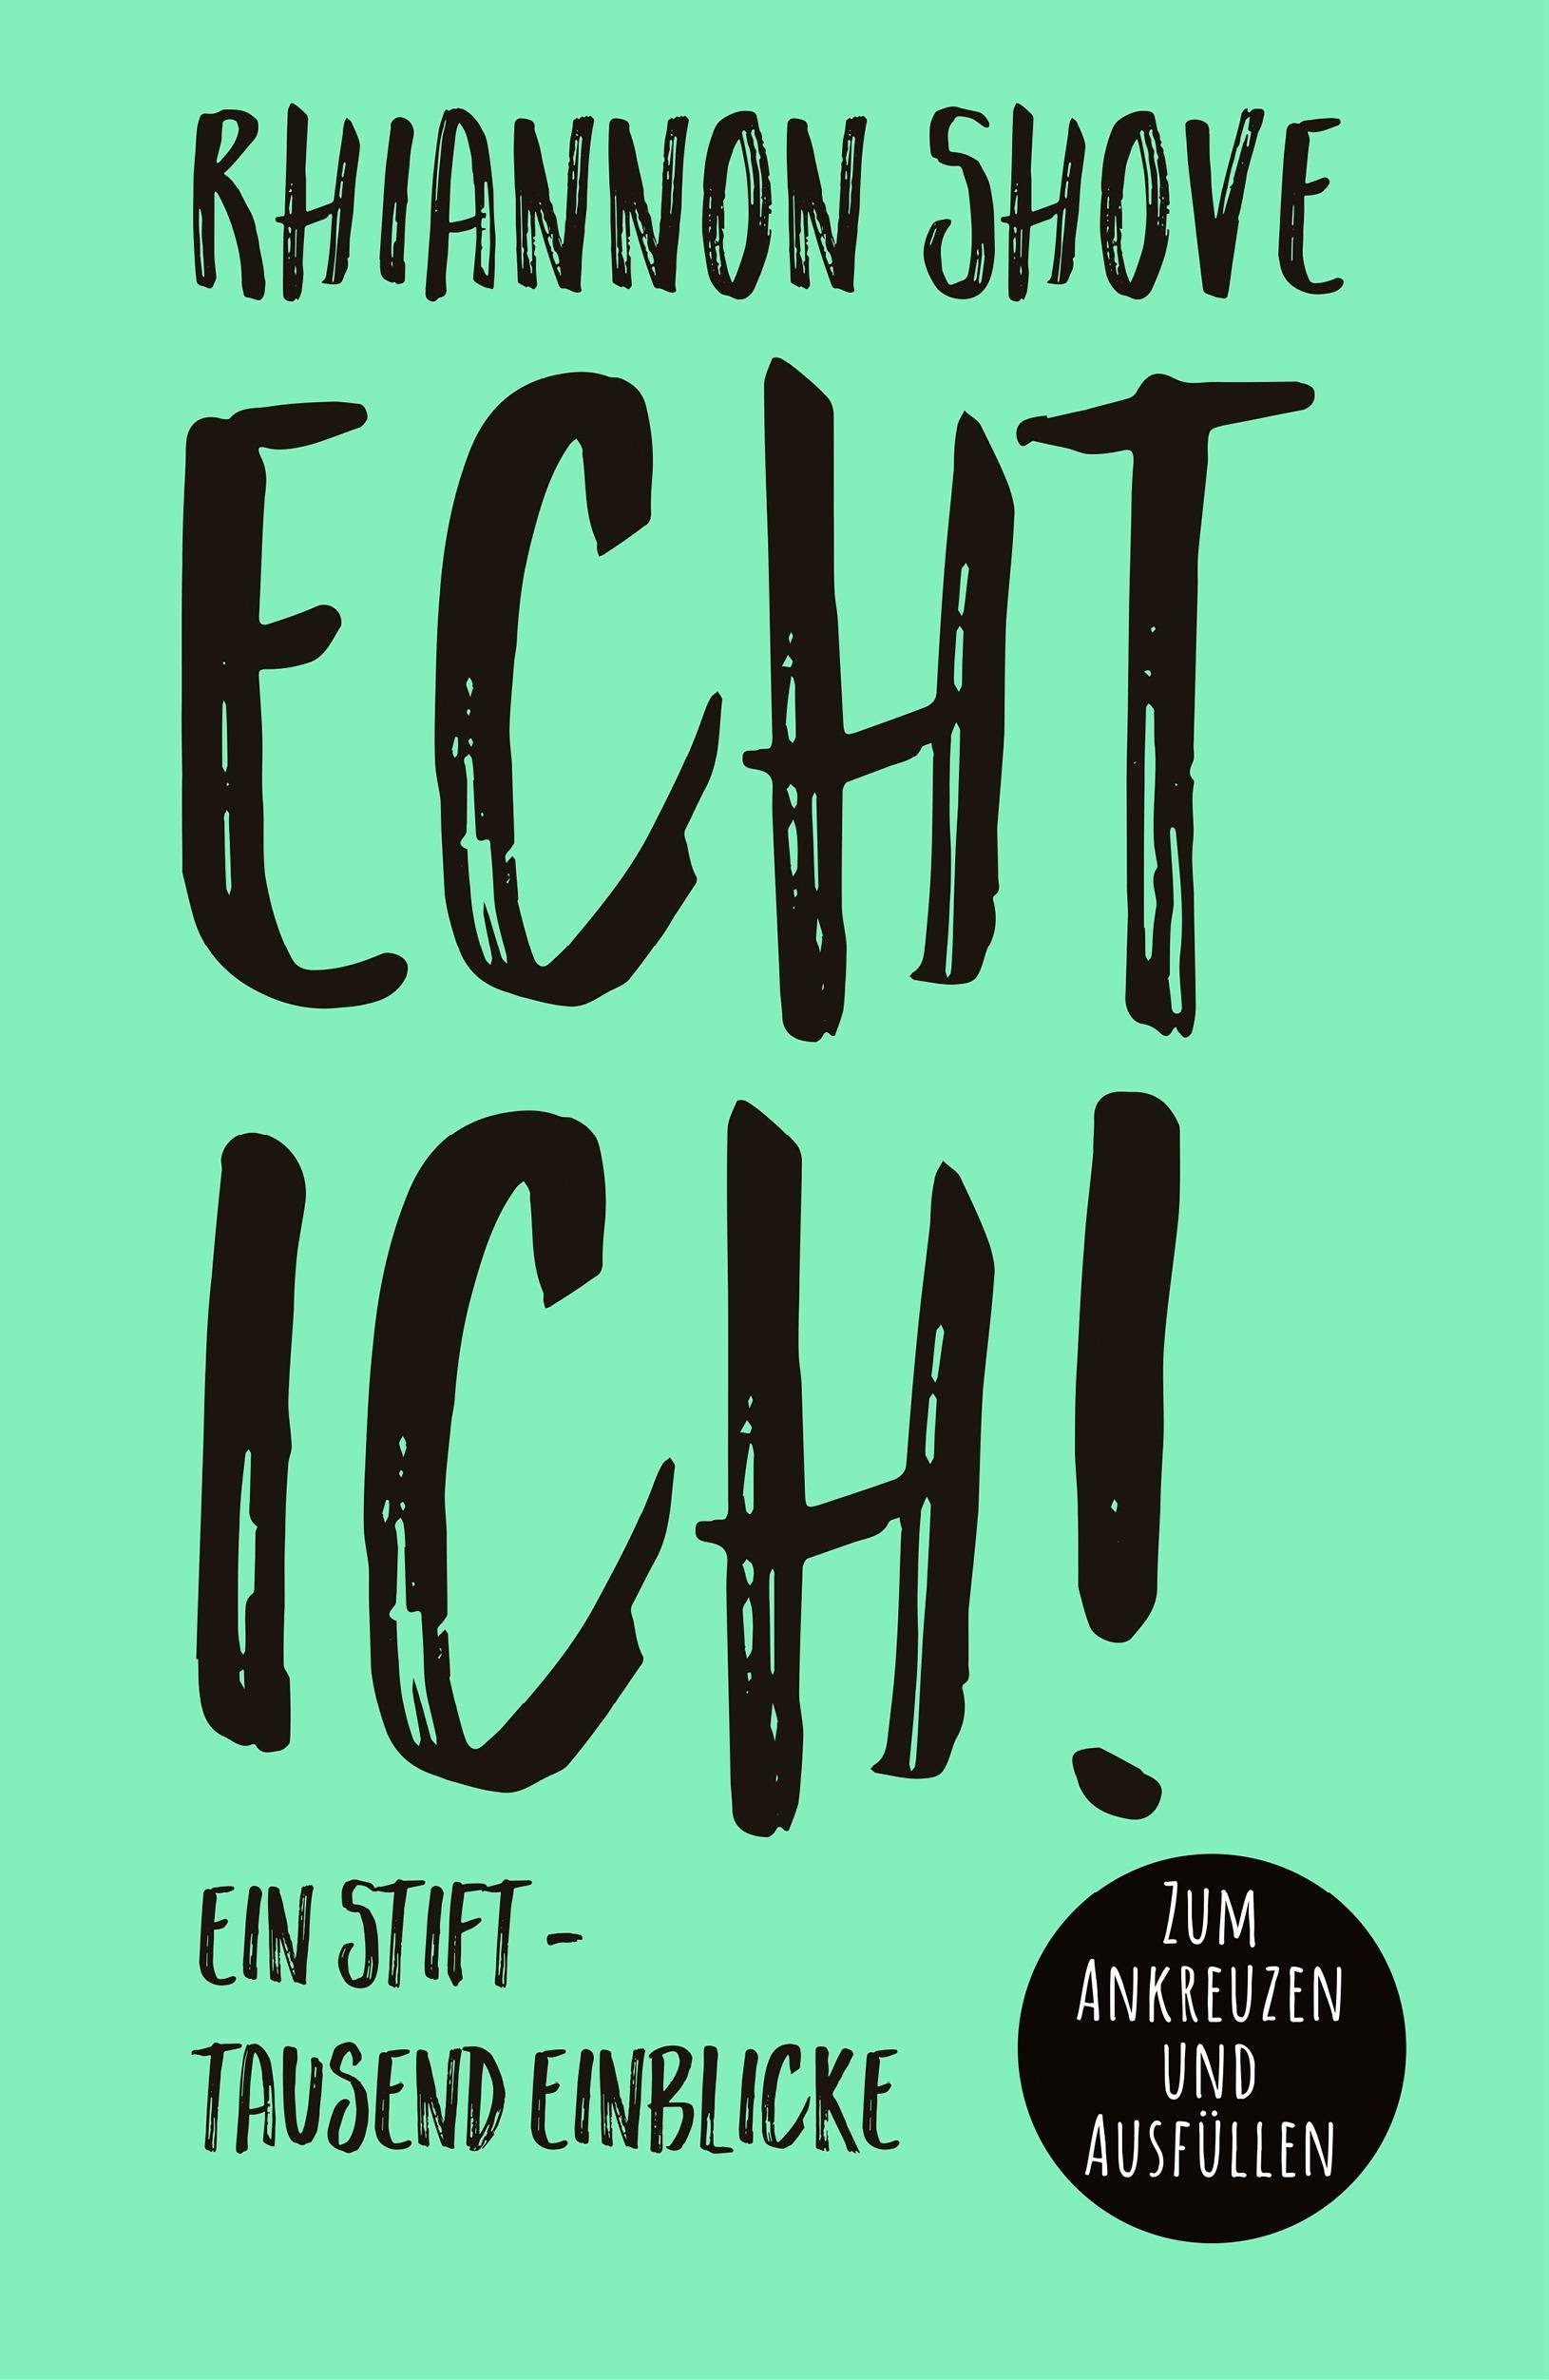 Shove_Echt_ich.jpg